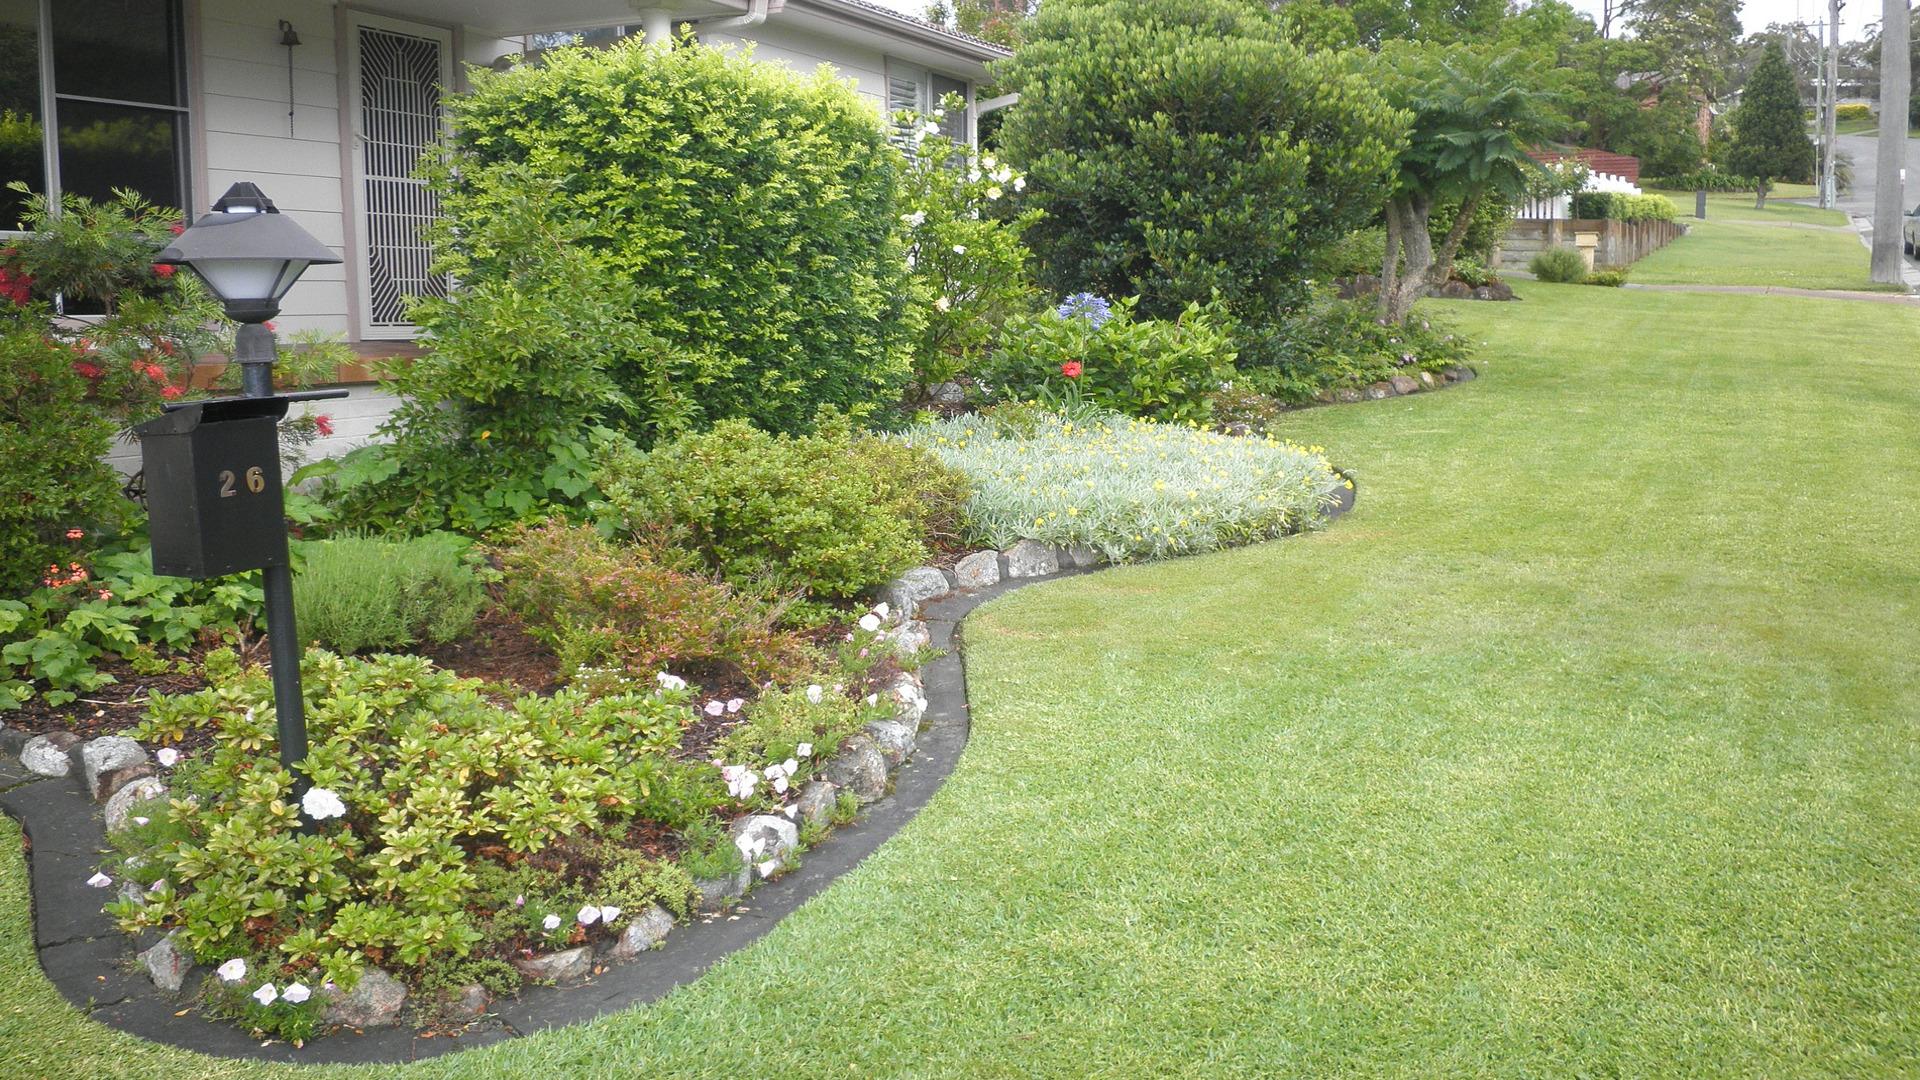 En otoño tambien hay que cuidar el jardin1920